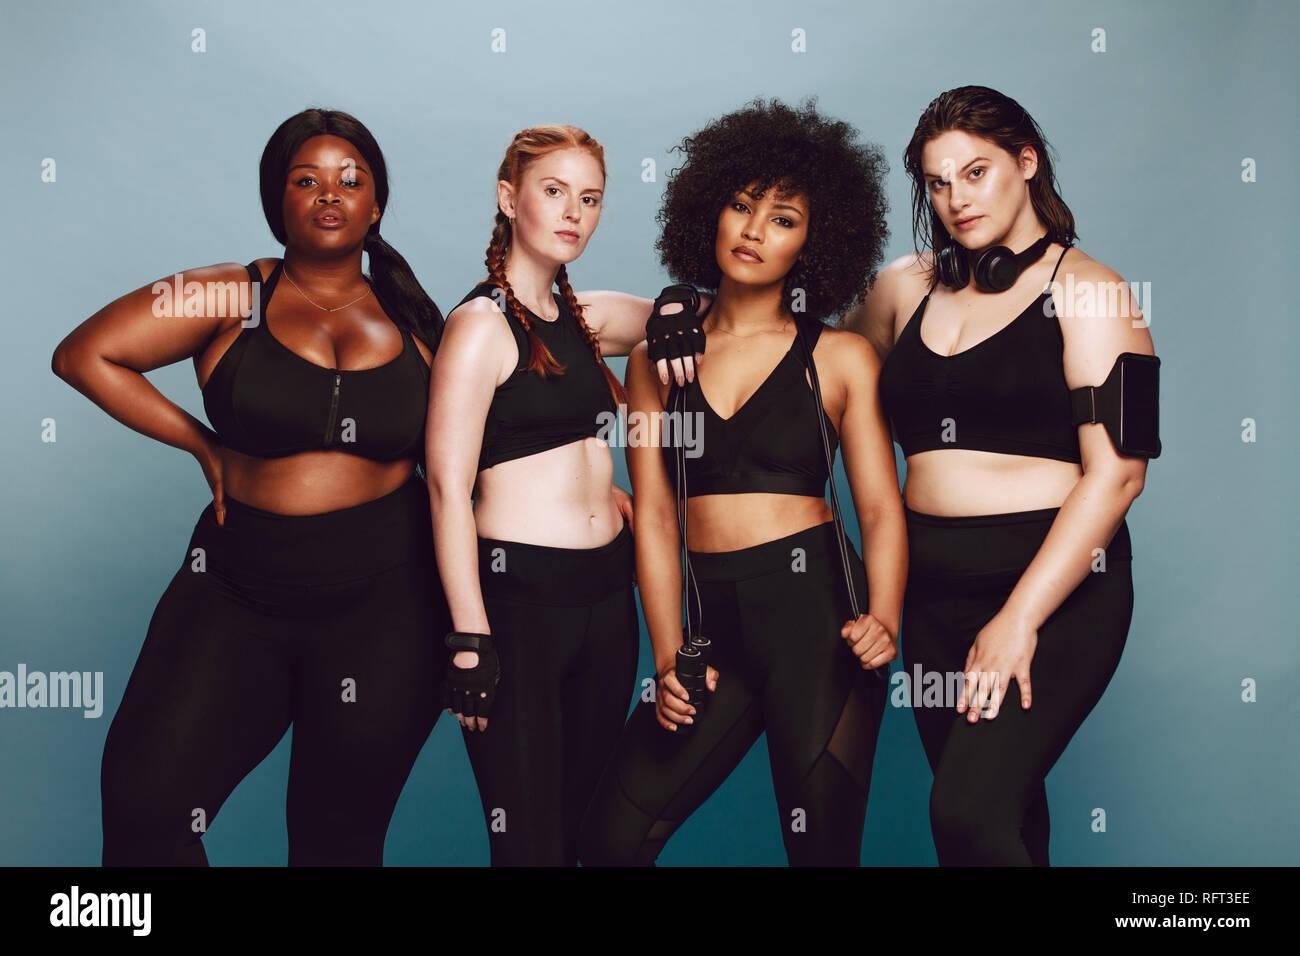 Grupo de mujeres de diferentes razas y el tamaño del cuerpo vestido con ropa deportiva juntos contra un fondo gris. Diversas mujeres en ropa deportiva looki Imagen De Stock